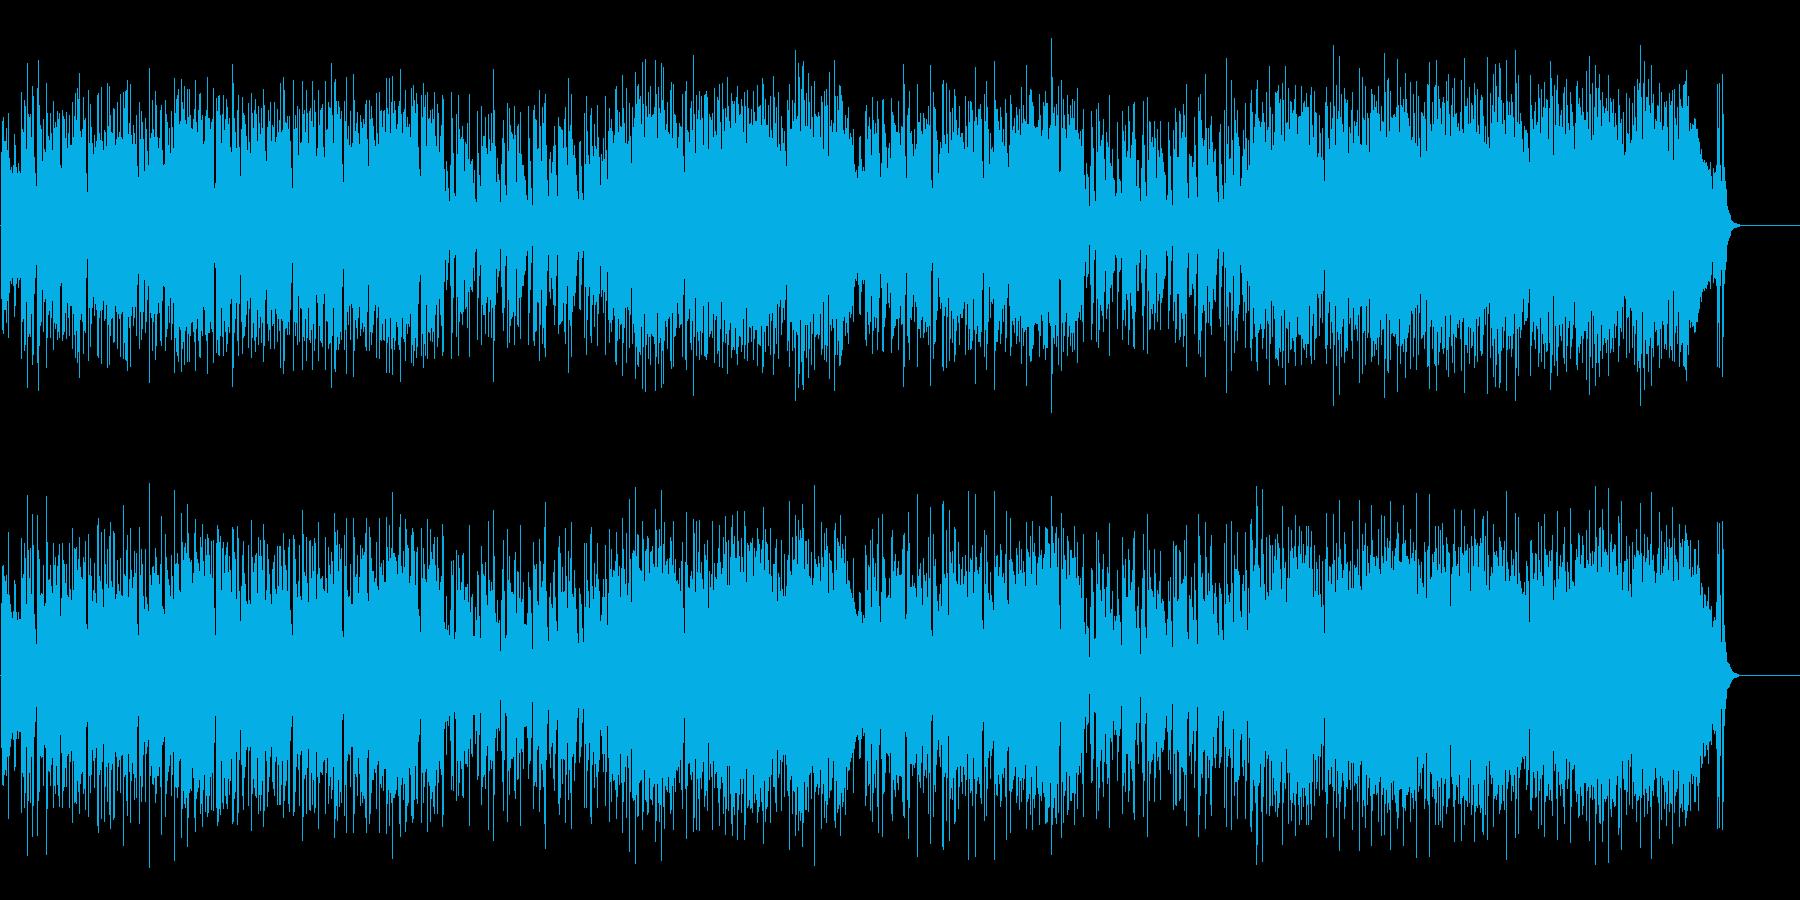 爽快にして流麗なアコースティックファンクの再生済みの波形